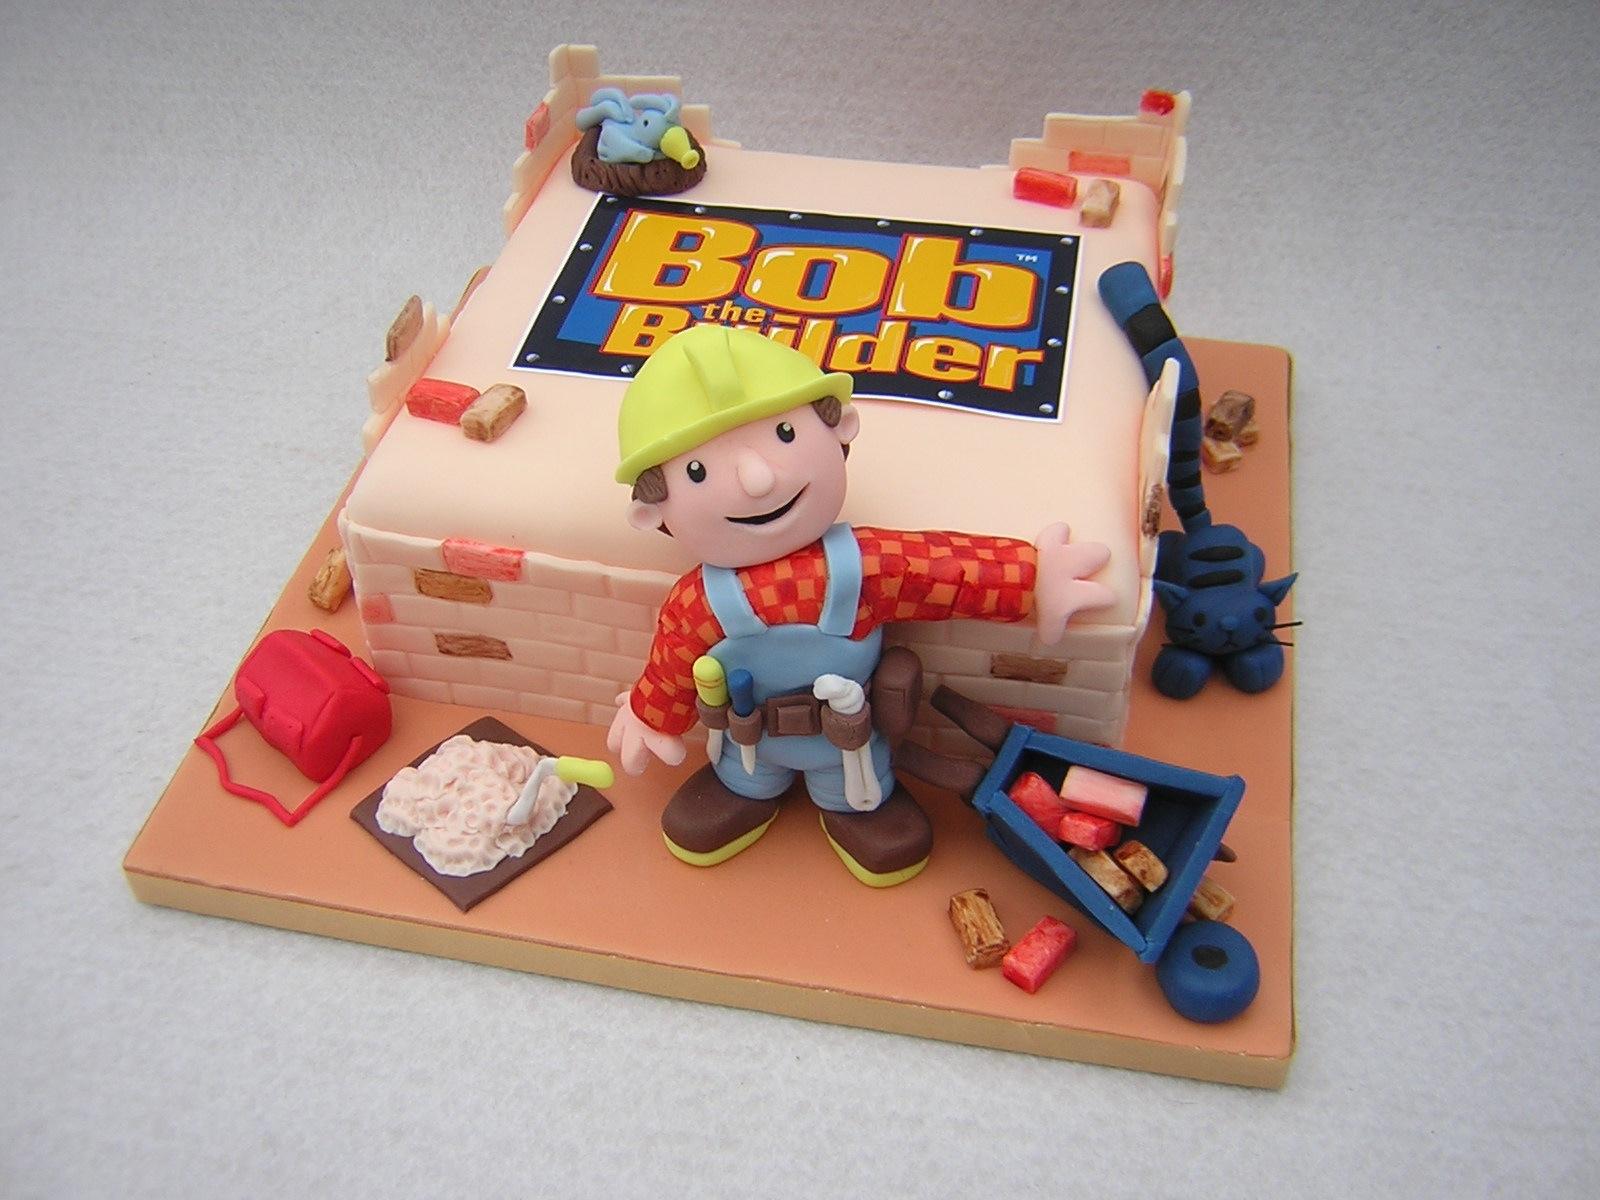 How To Make Bob The Builder Cake